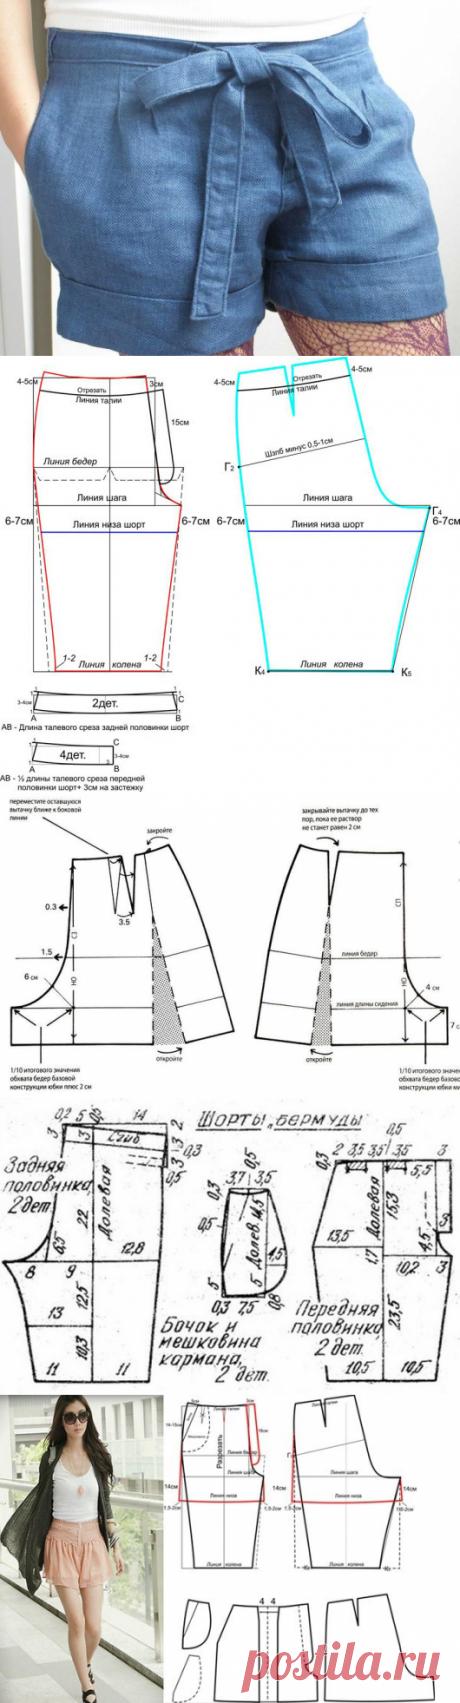 Как сшить шорты своими руками: подготовка к процессу, схема выкройки